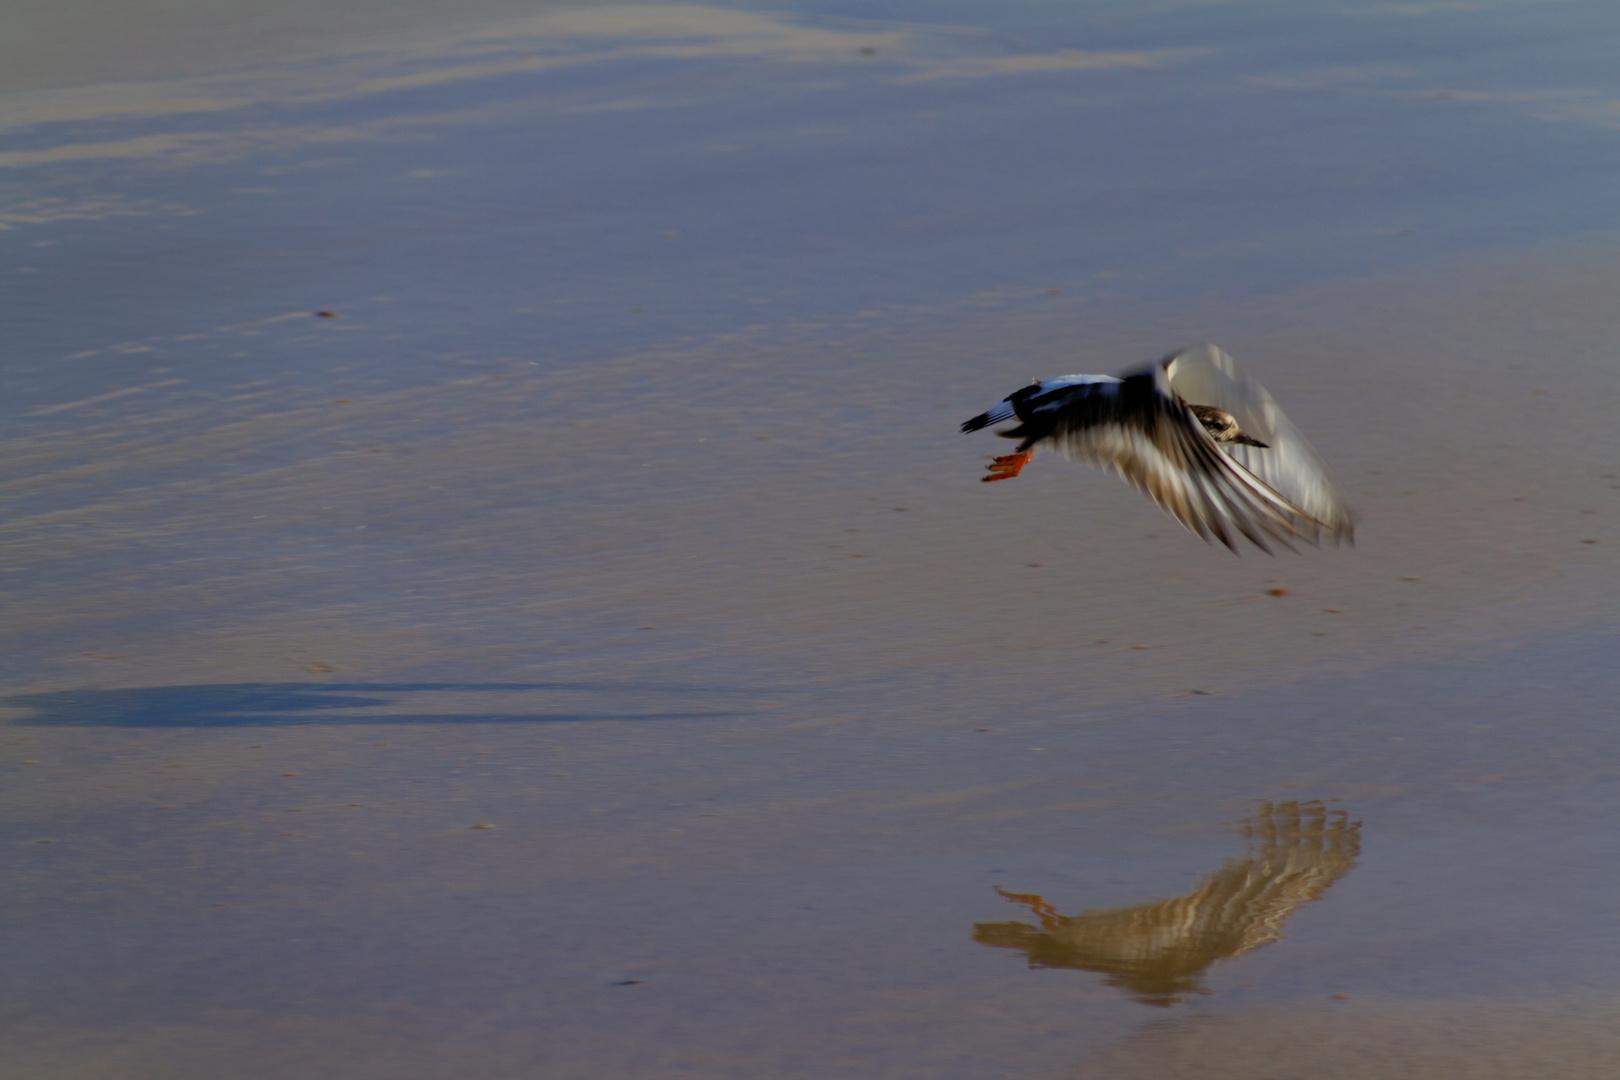 Cadzandter Flügelschlag